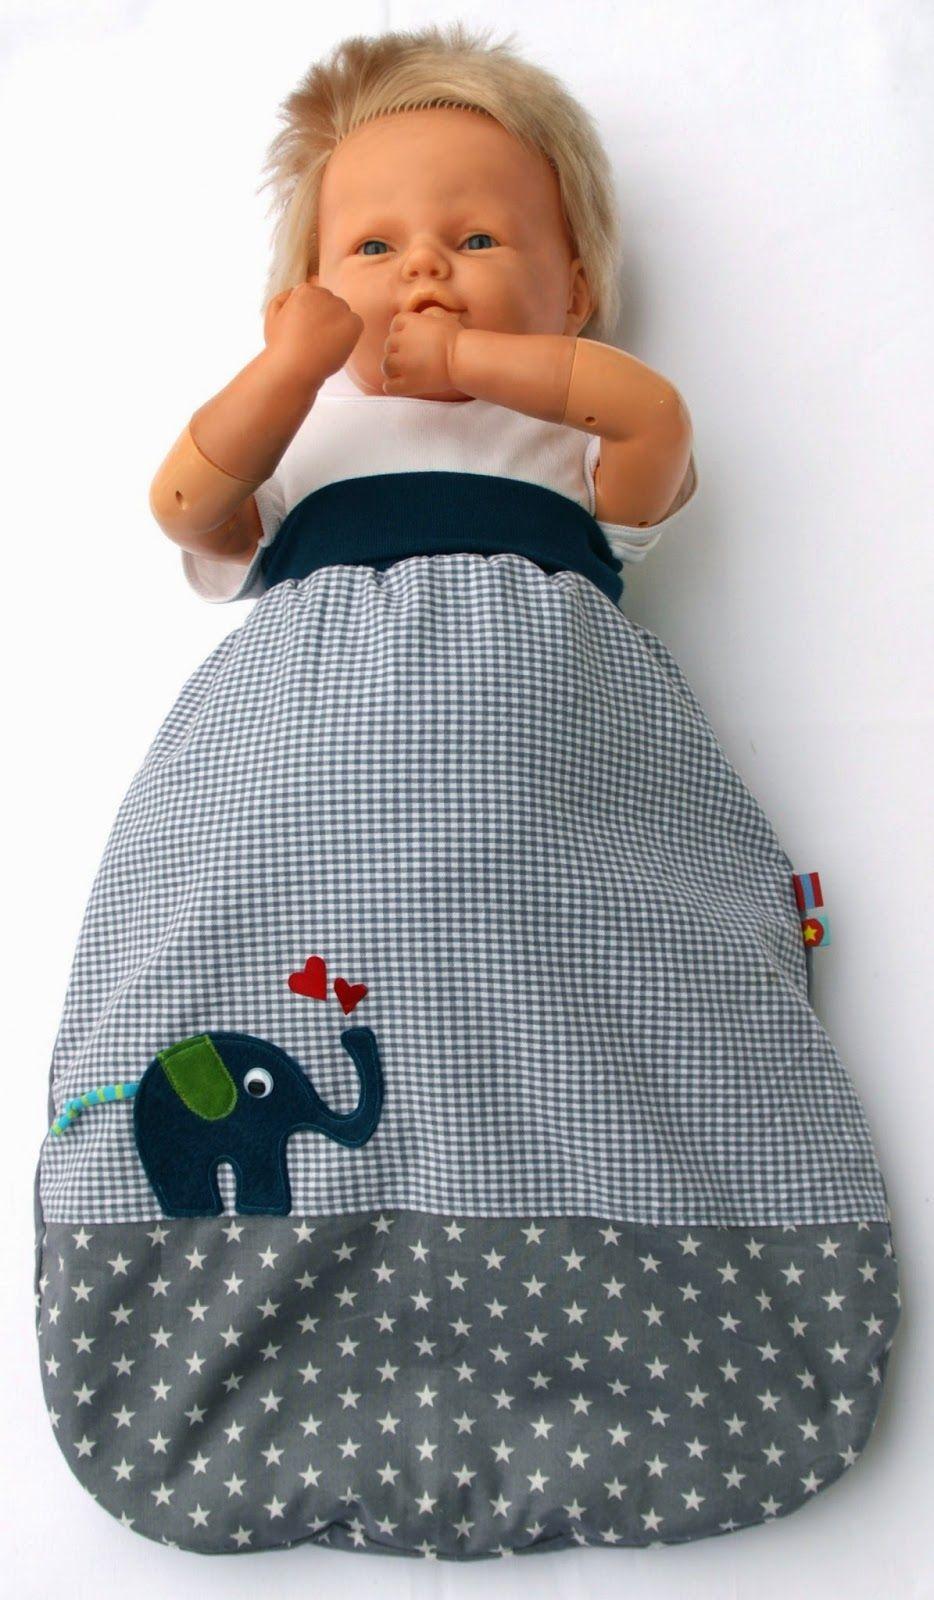 die besten 25 pucksack ideen auf pinterest wir sind schwanger schlafsack und pucksack baby. Black Bedroom Furniture Sets. Home Design Ideas